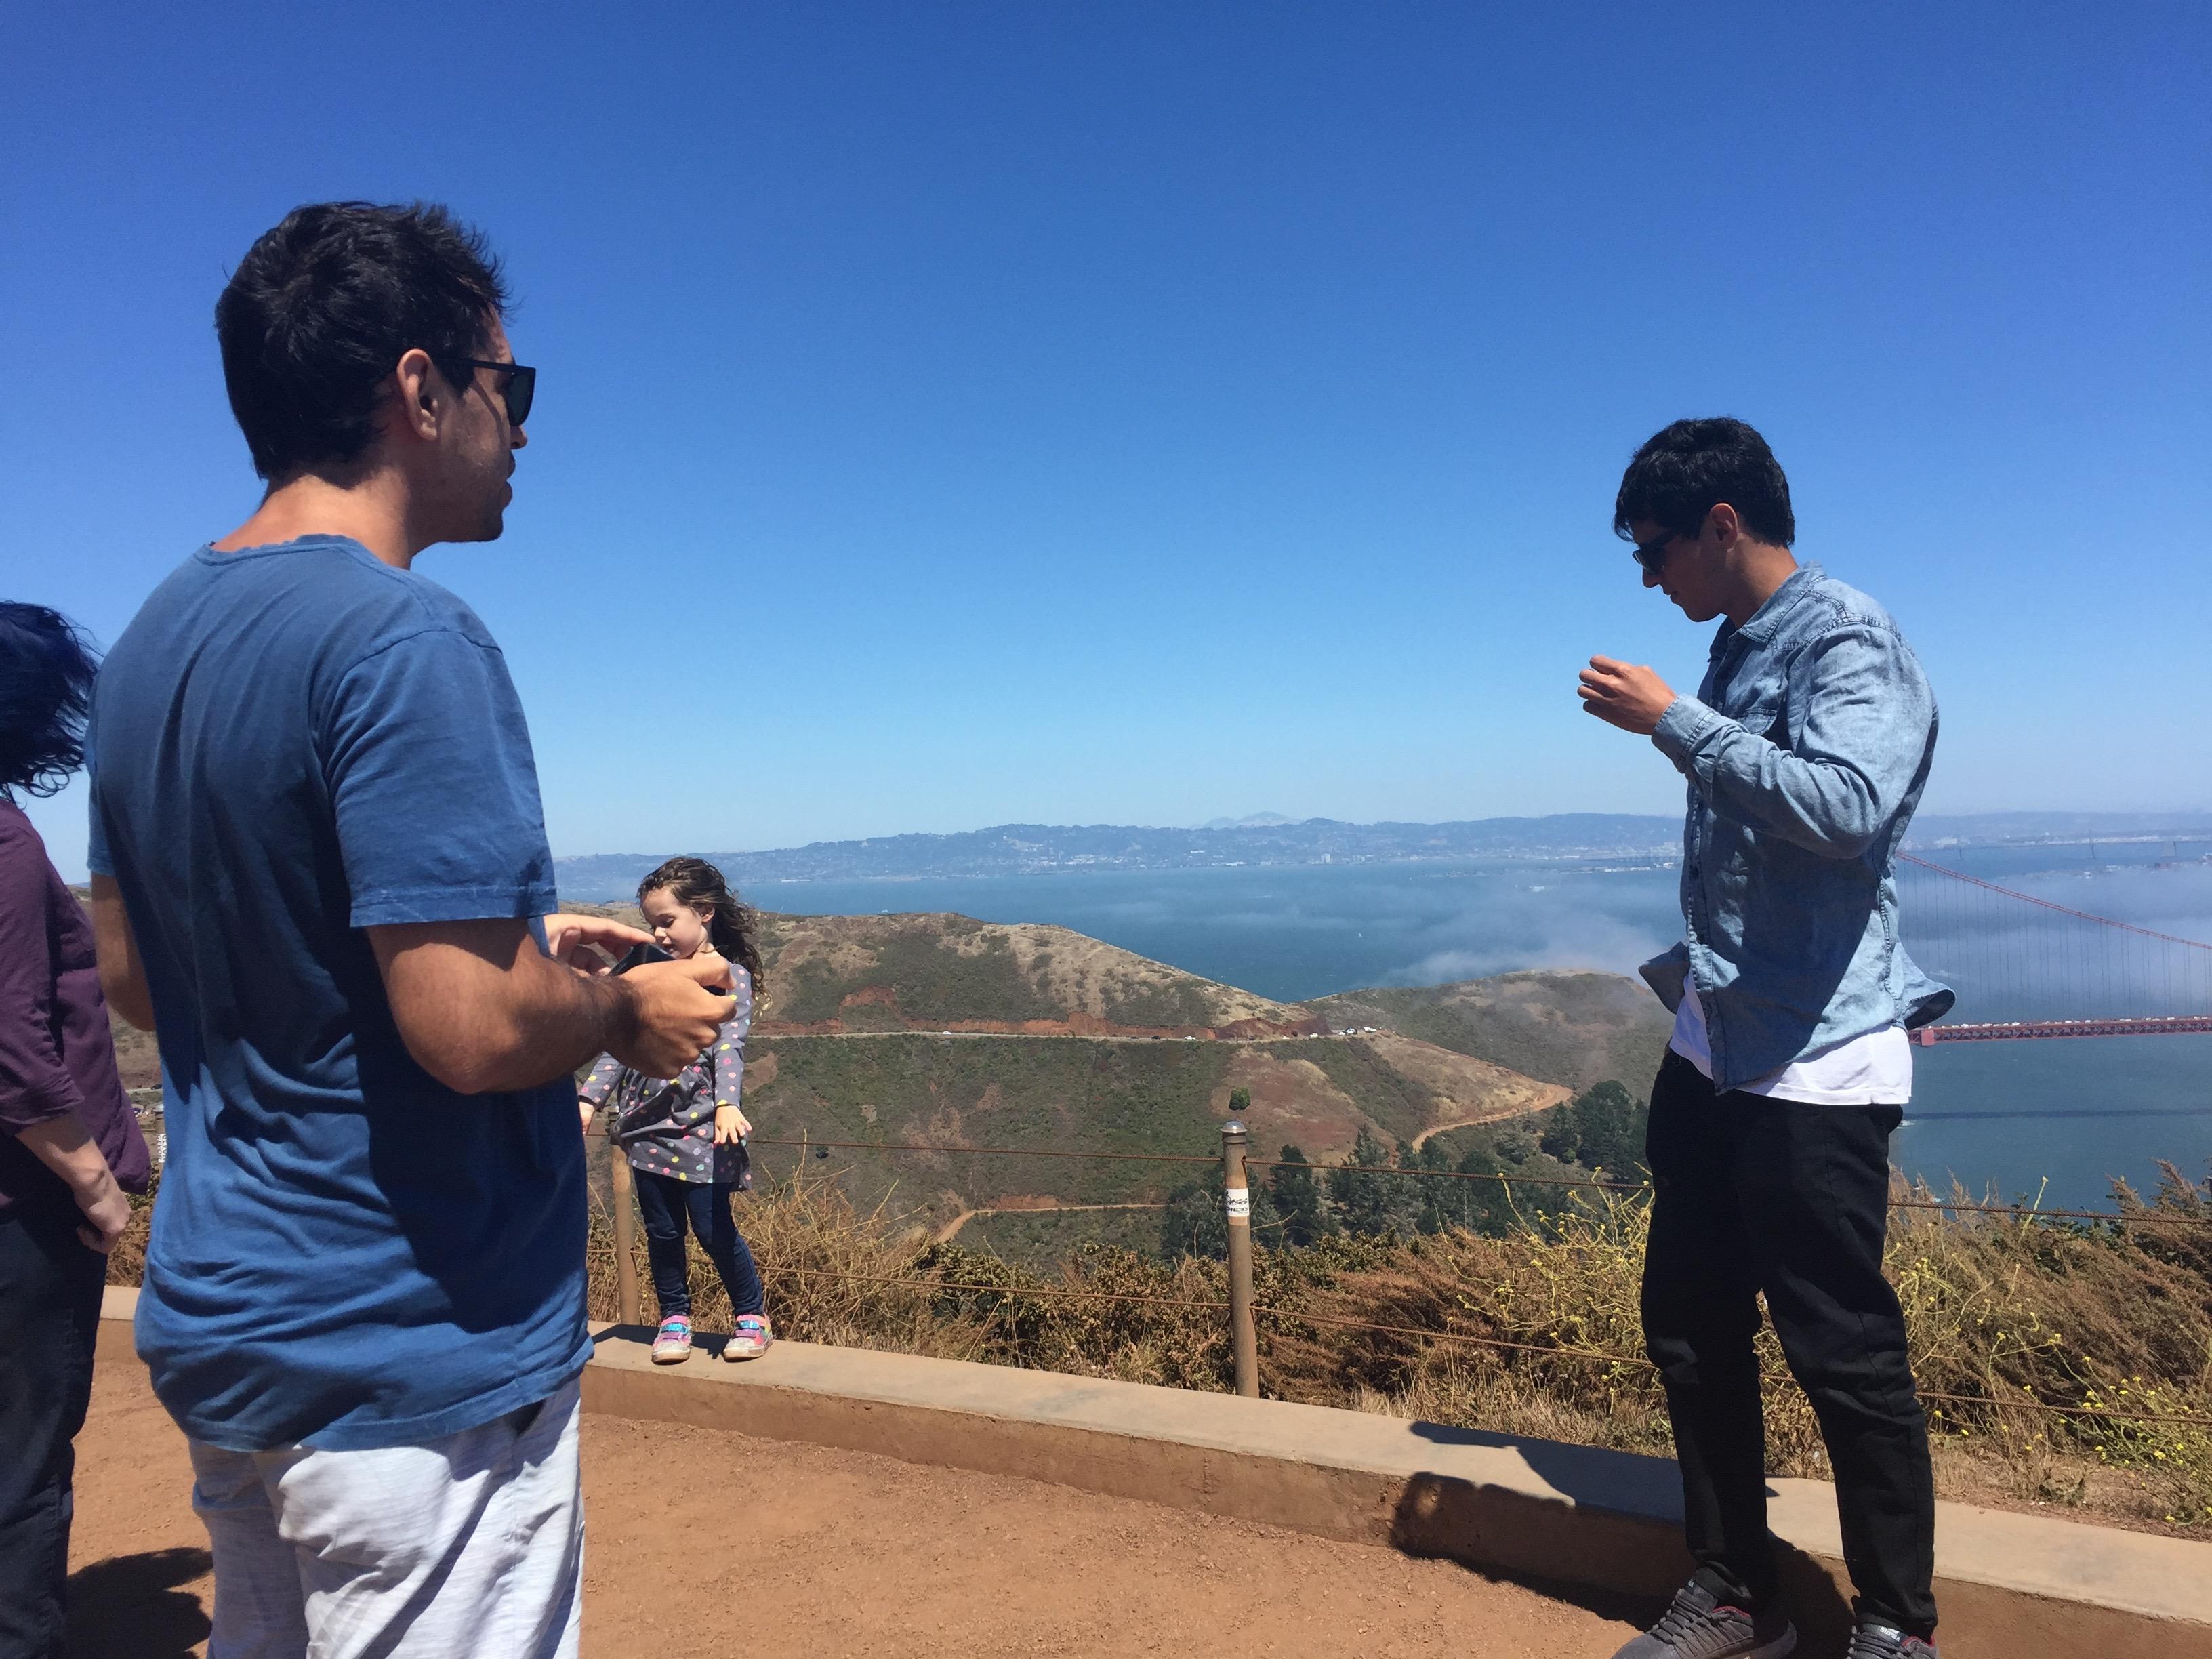 Golden Gate bridge San Francisco.